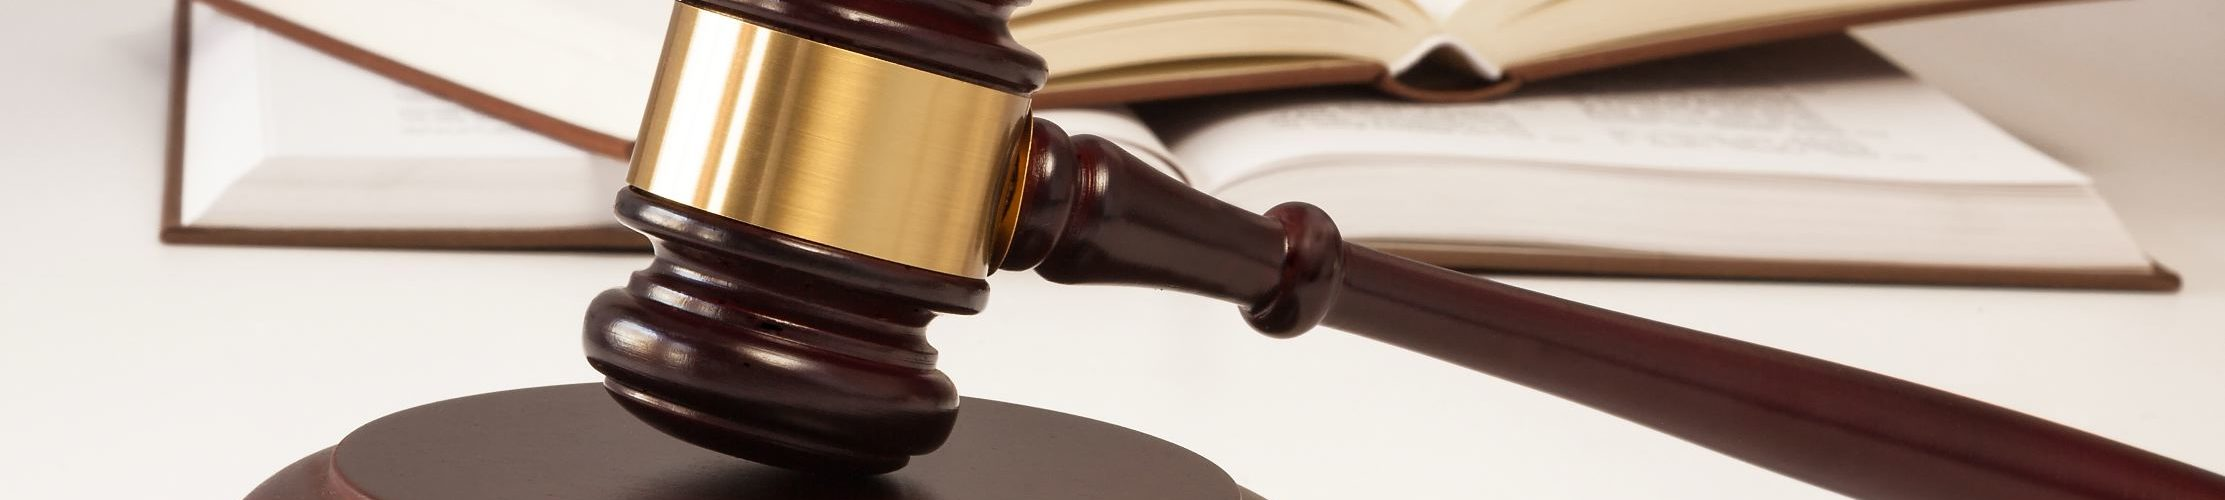 Помощь юриста онлайн бесплатно без регистрации